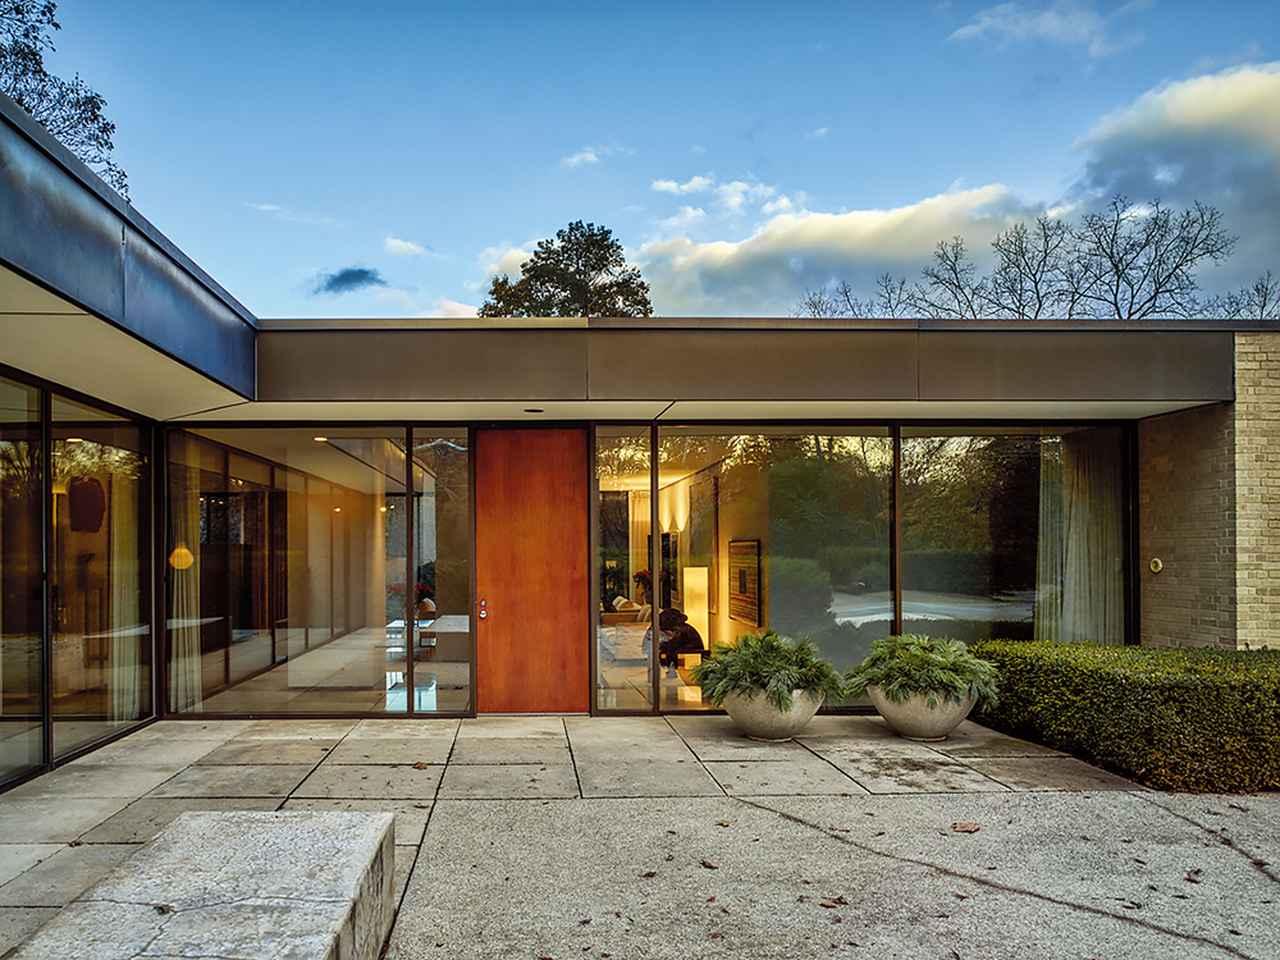 Images : 3番目の画像 - 「20世紀モダニズム建築の 喪われた聖地 ミシガンは再生するのか」のアルバム - T JAPAN:The New York Times Style Magazine 公式サイト